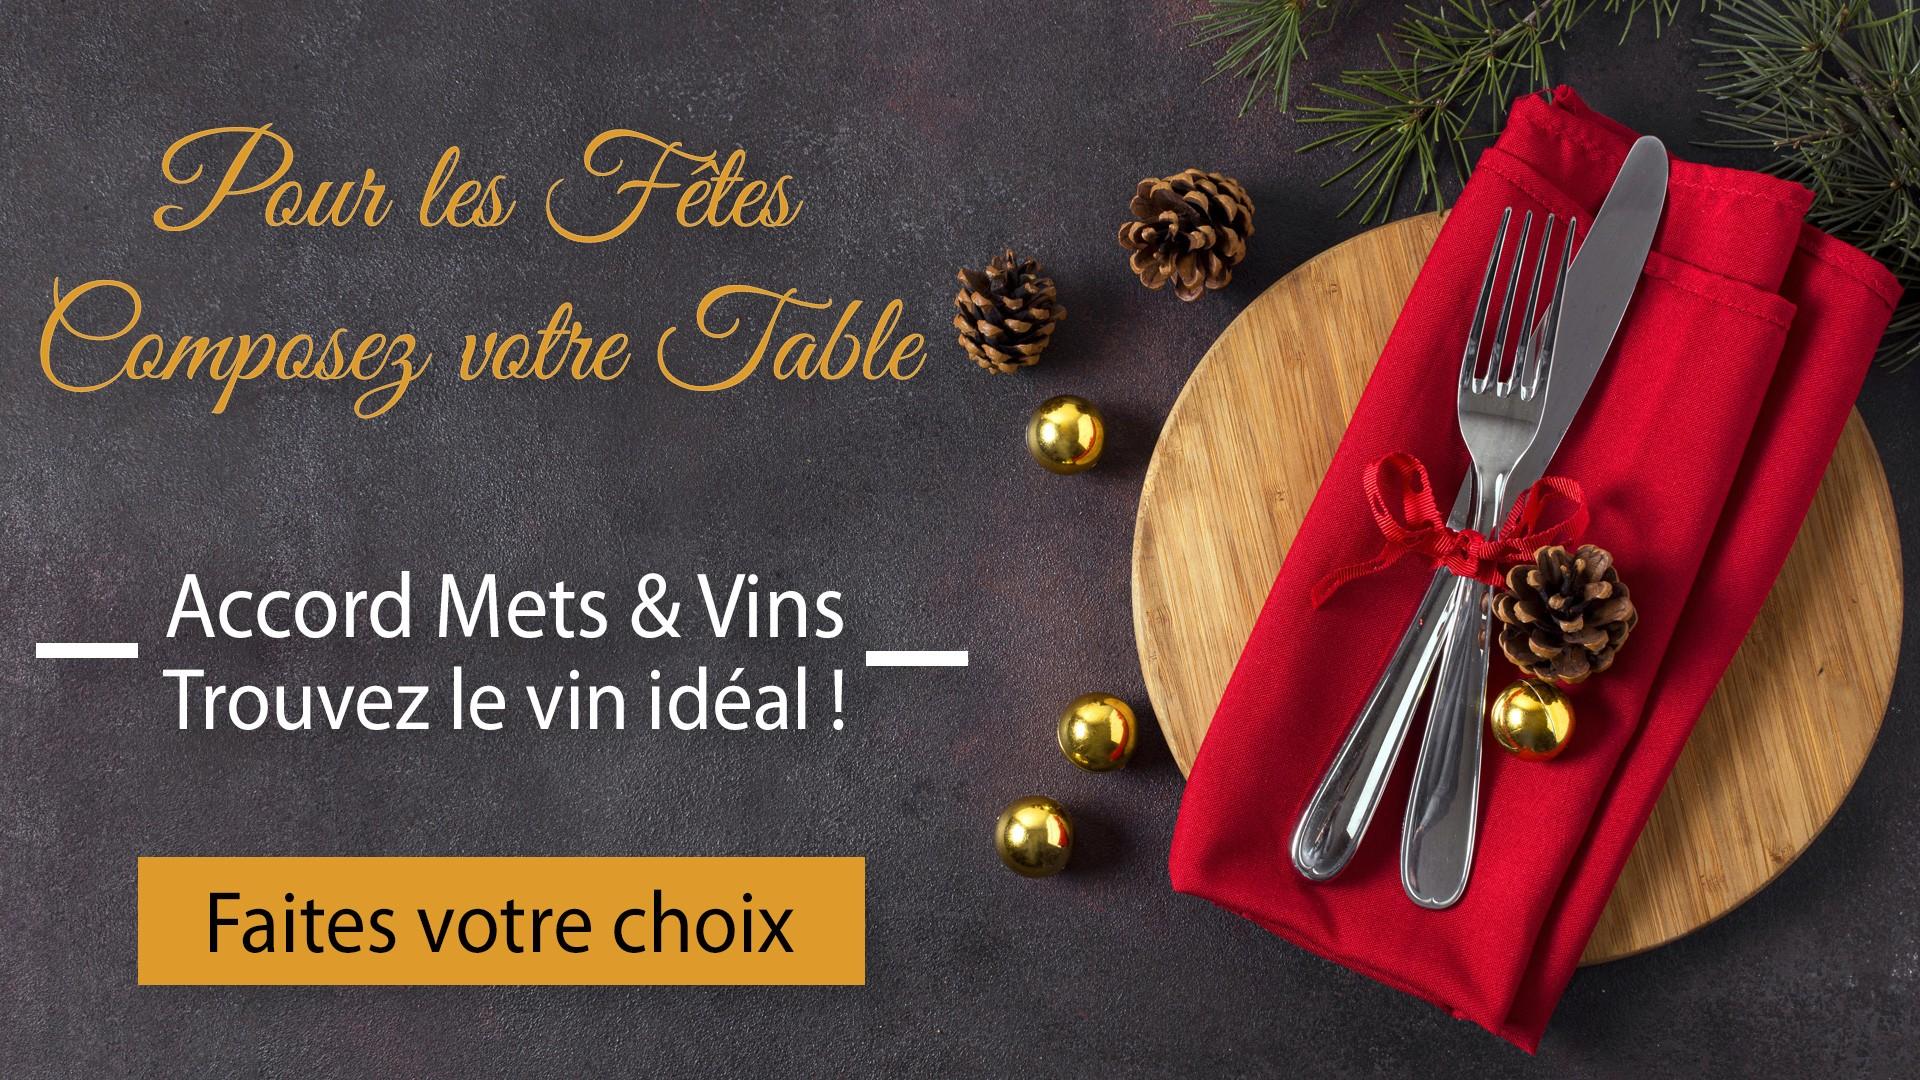 Découvrez notre sélection de vin par type de plat, pour vous aider à choisir